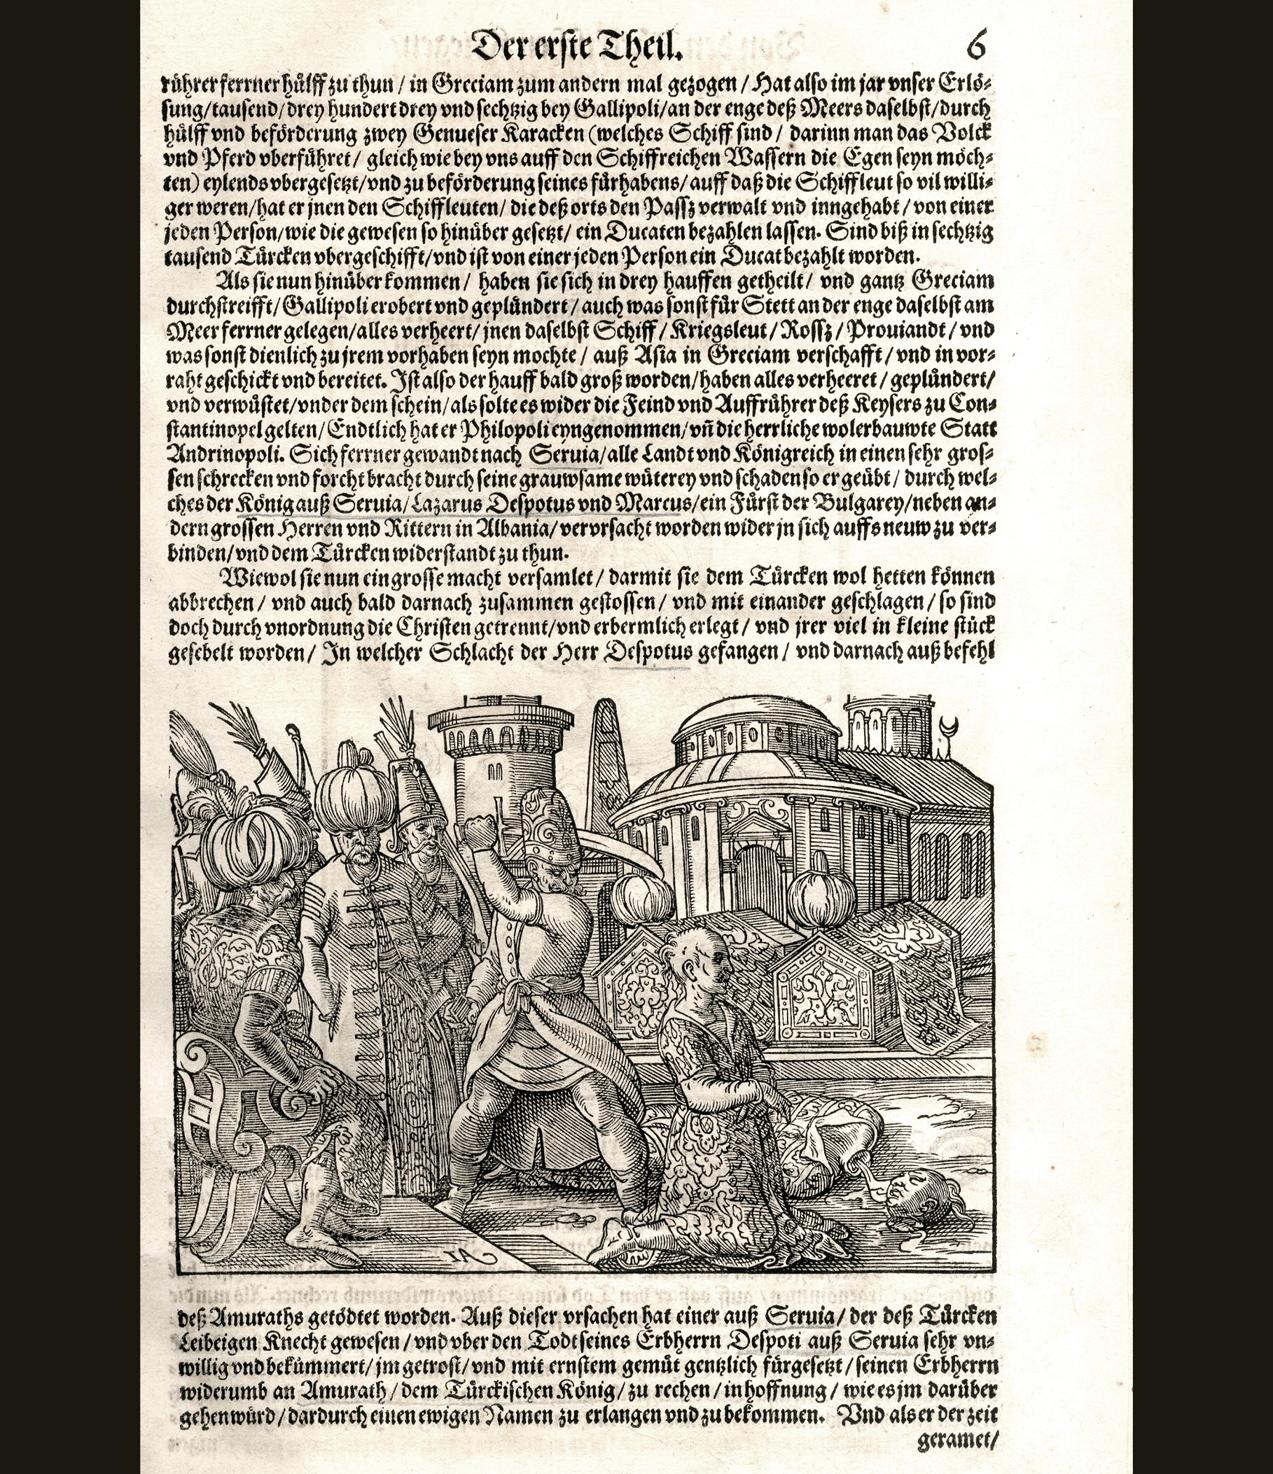 Stranica Turske hronike iz 1577. (Türckische Chronica) koja opisuje Boj na Kosovu 1389. god.